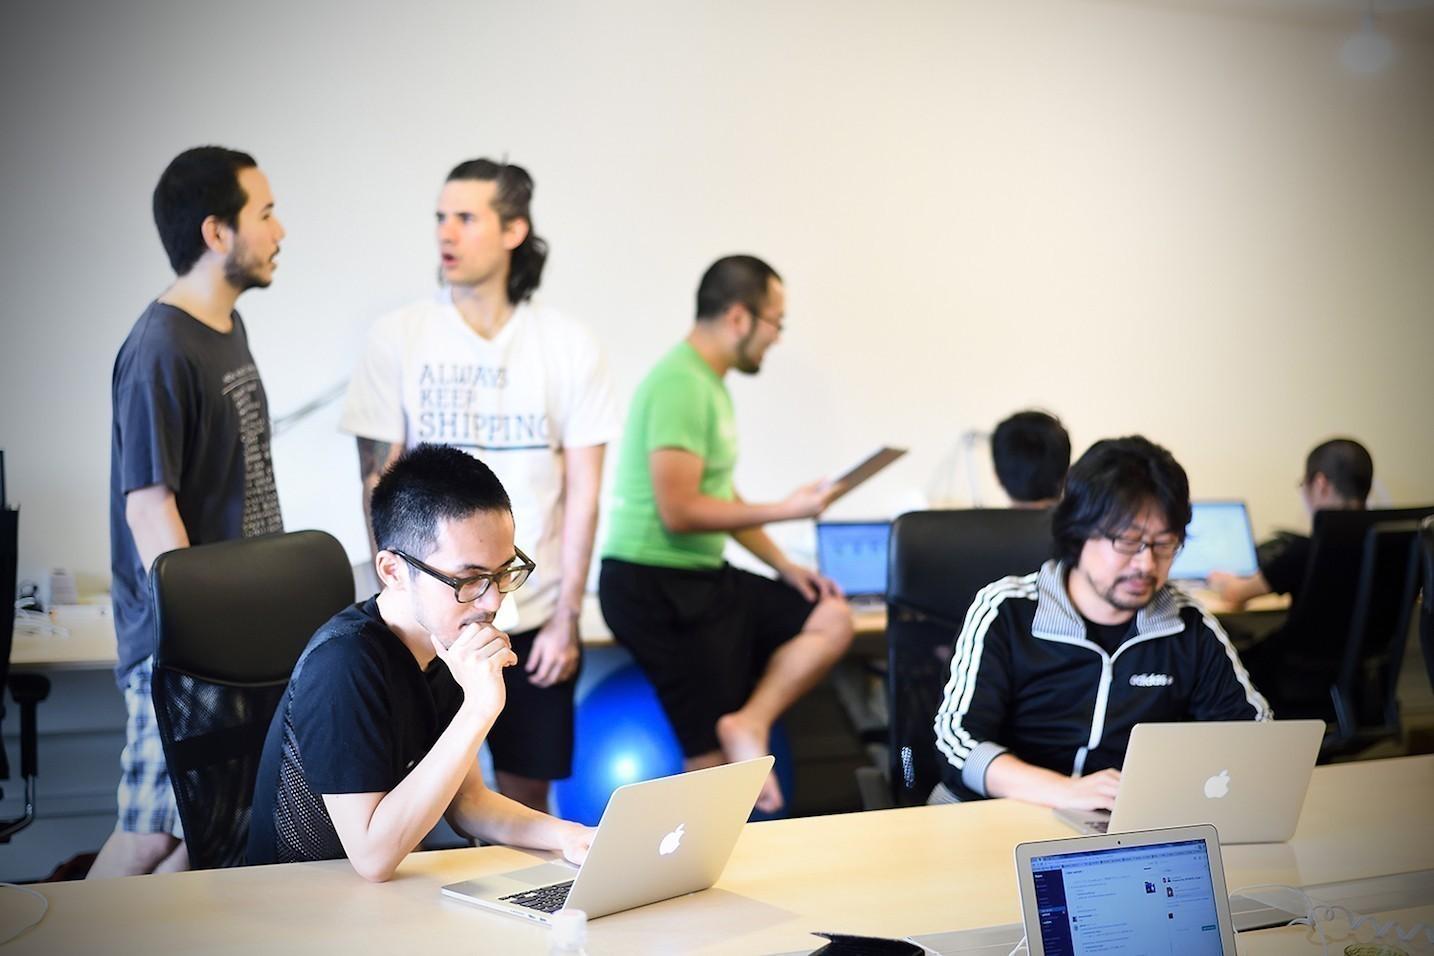 3,200以上のアプリに導入済み・46ヶ国で活用されるグロースハックツール「Repro」のサービス品質を高めるテストエンジニアを募集!